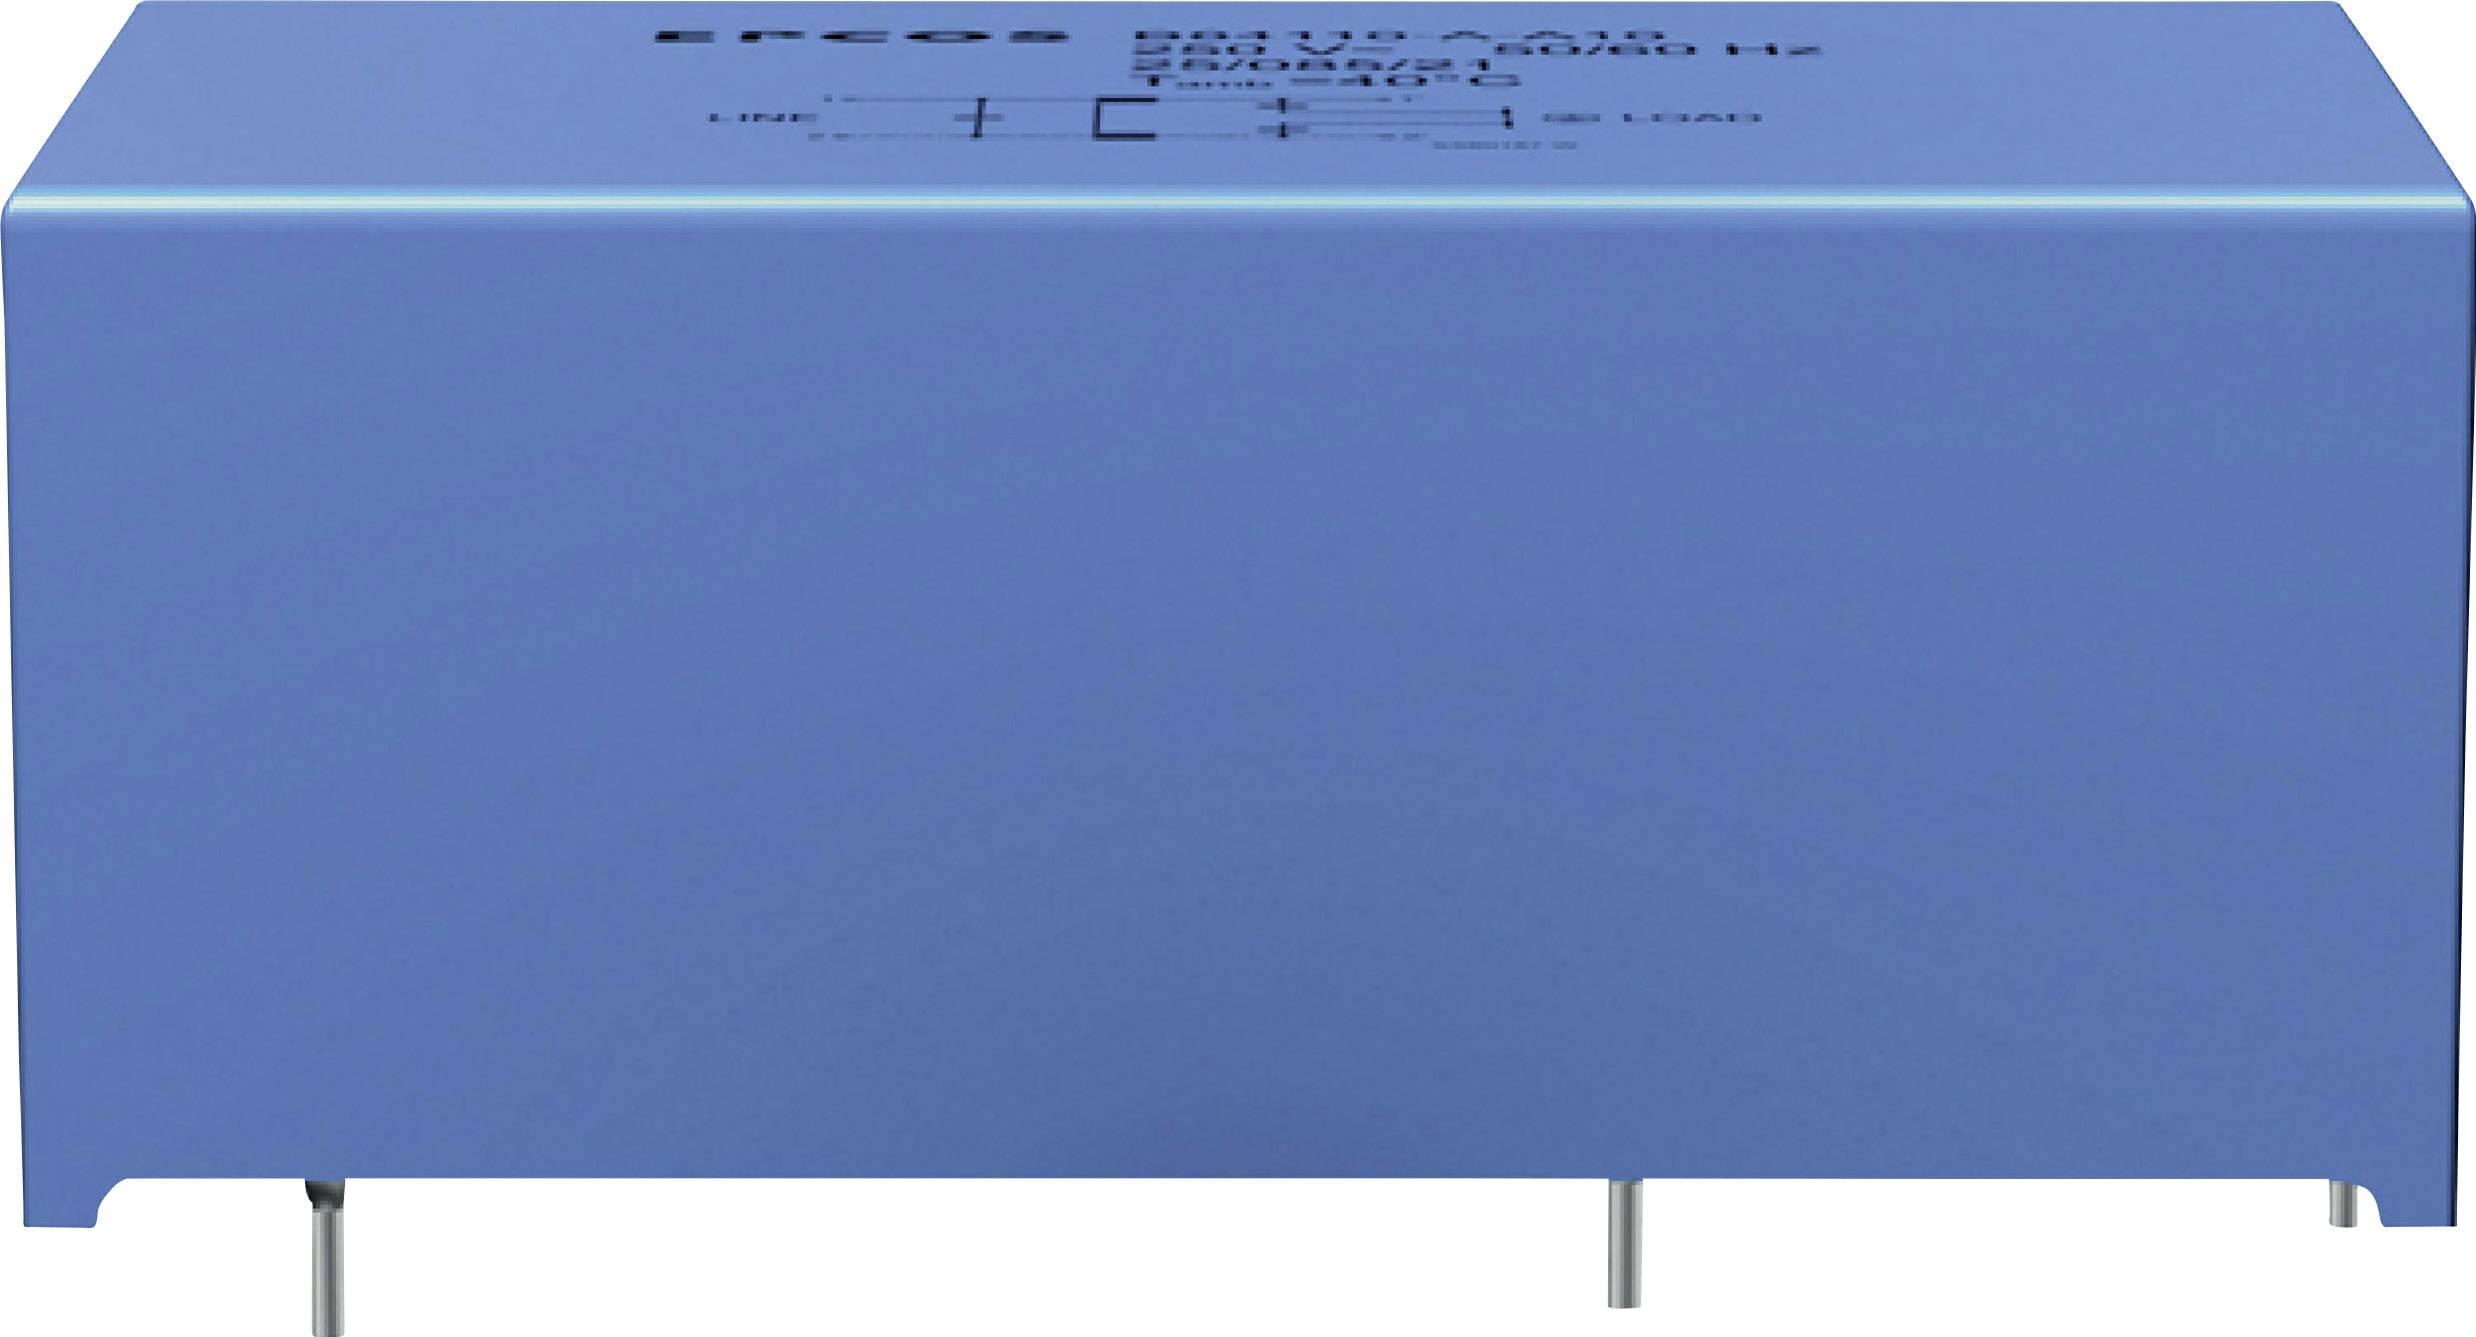 Odrušovací filtr Epcos B84110A0000A010, 250 V/AC, 1 A